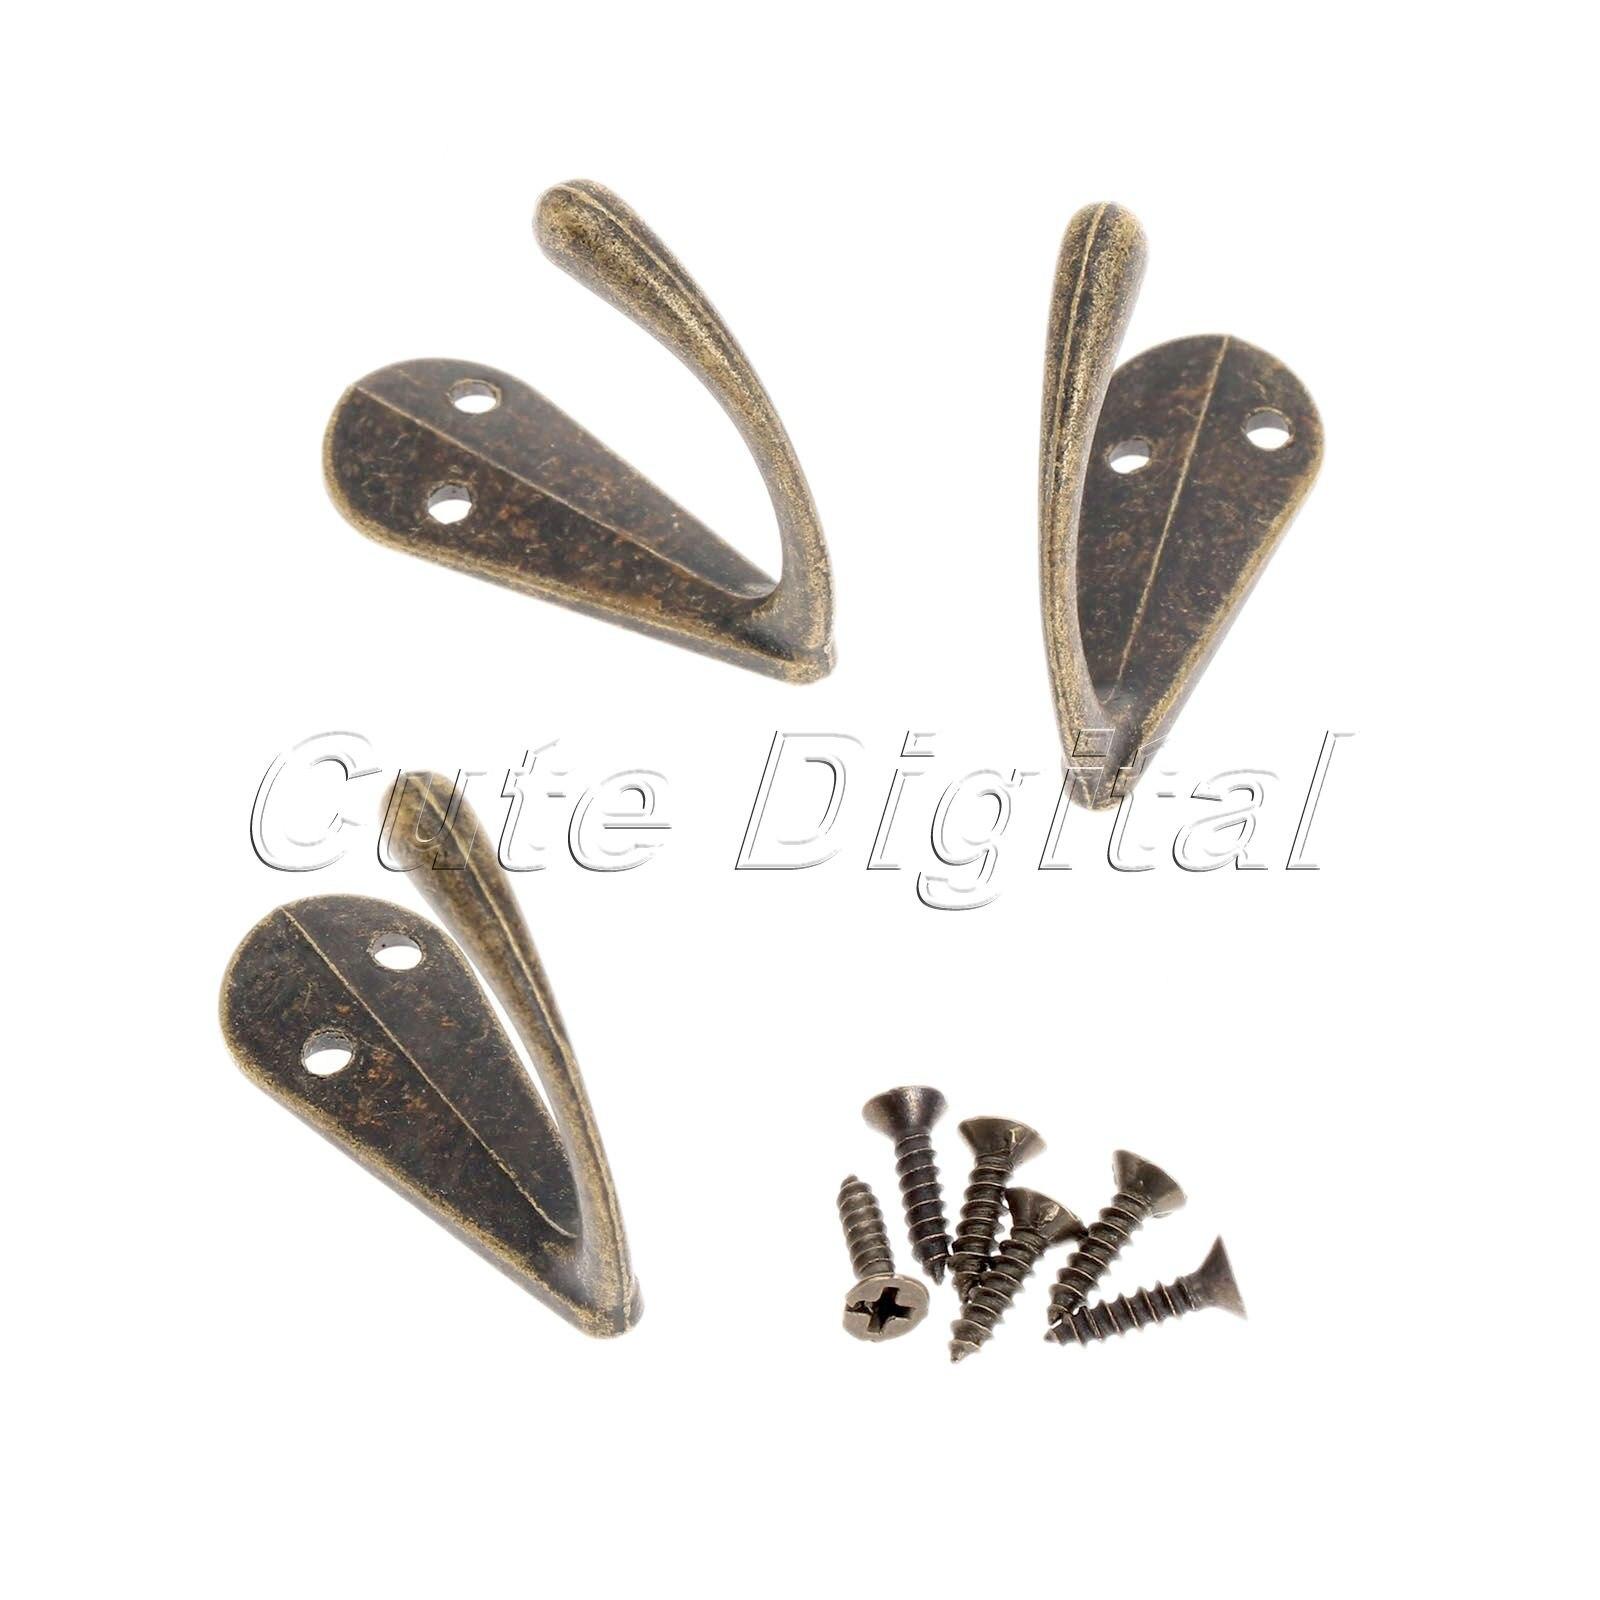 10 x Antique Bronze  Style Coat Clothes Hook Zinc Metal Hanger With Screws